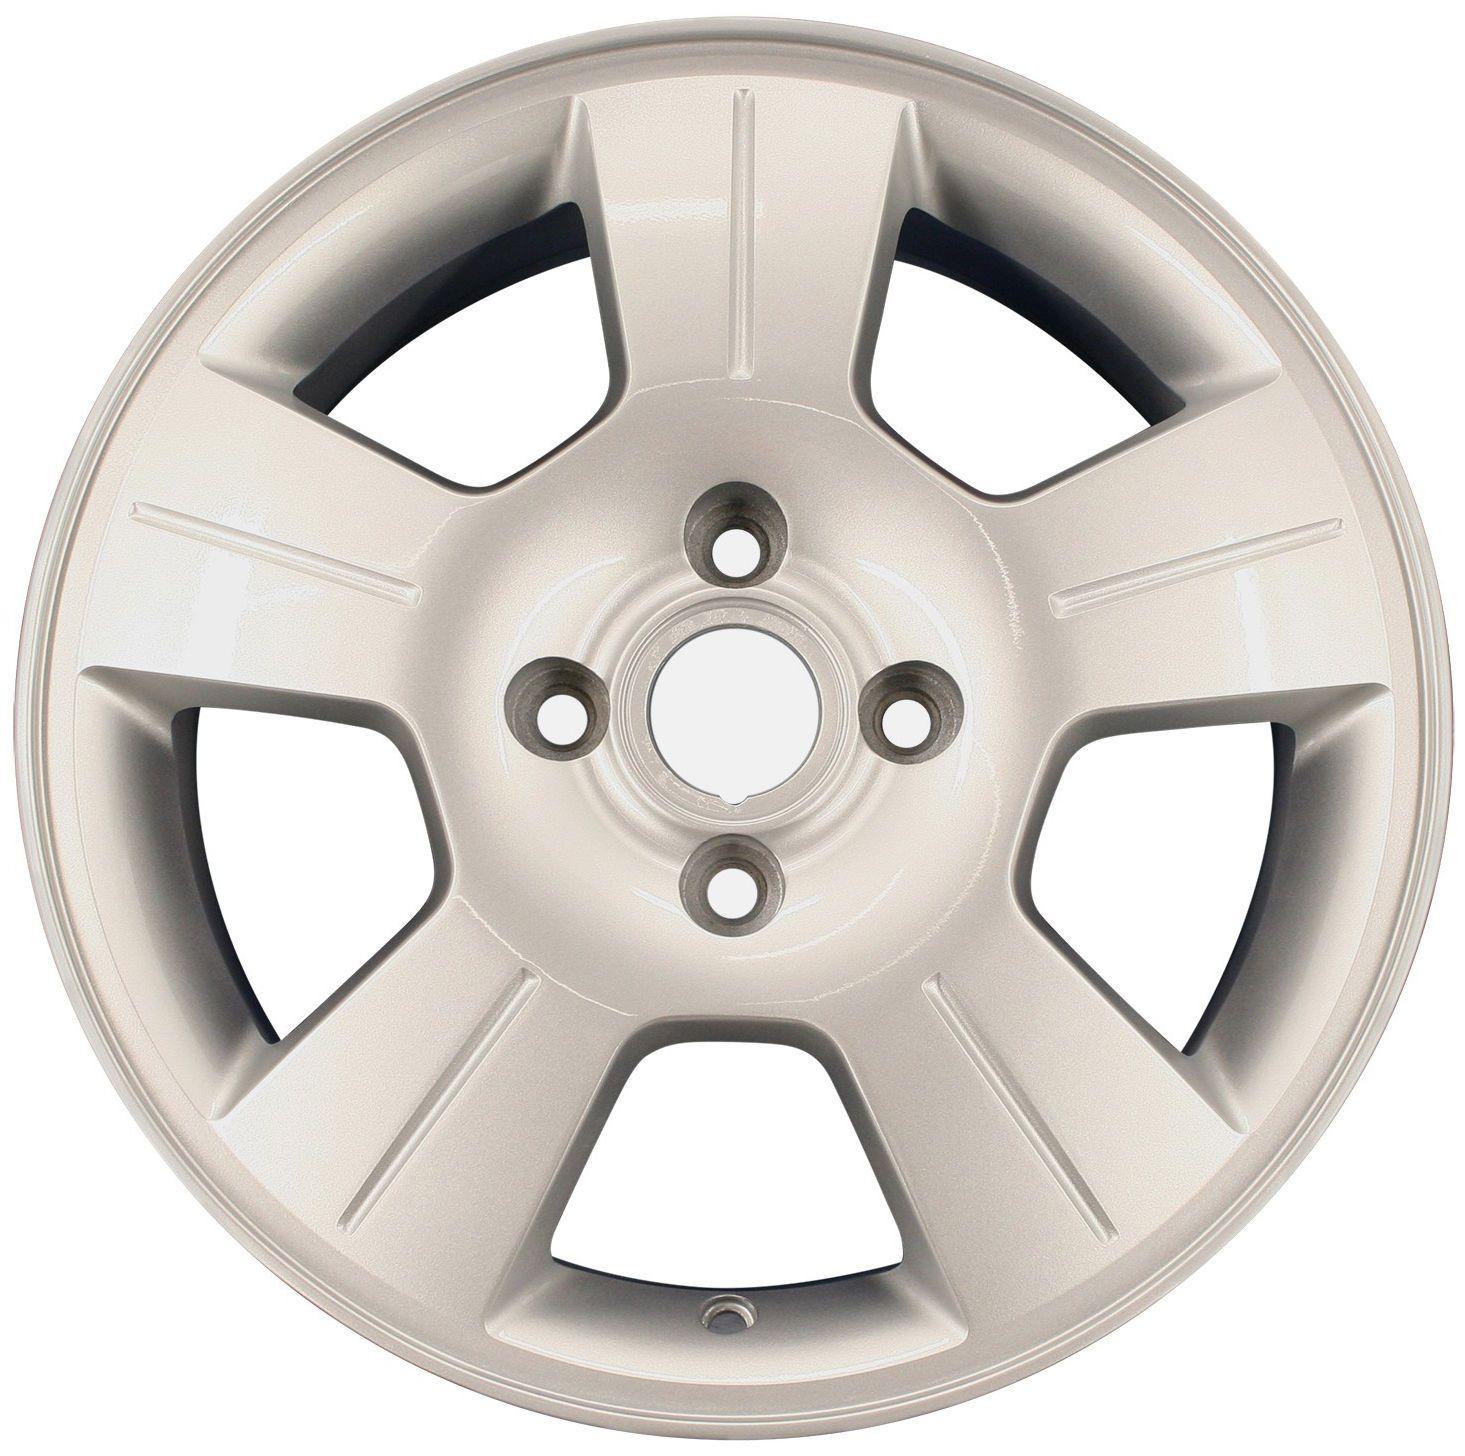 2003 2004 2005 2006 2007 Ford Focus 16 Inch Alloy Wheel Rim Alloy Wheel Rim Alloy Wheel Wheel